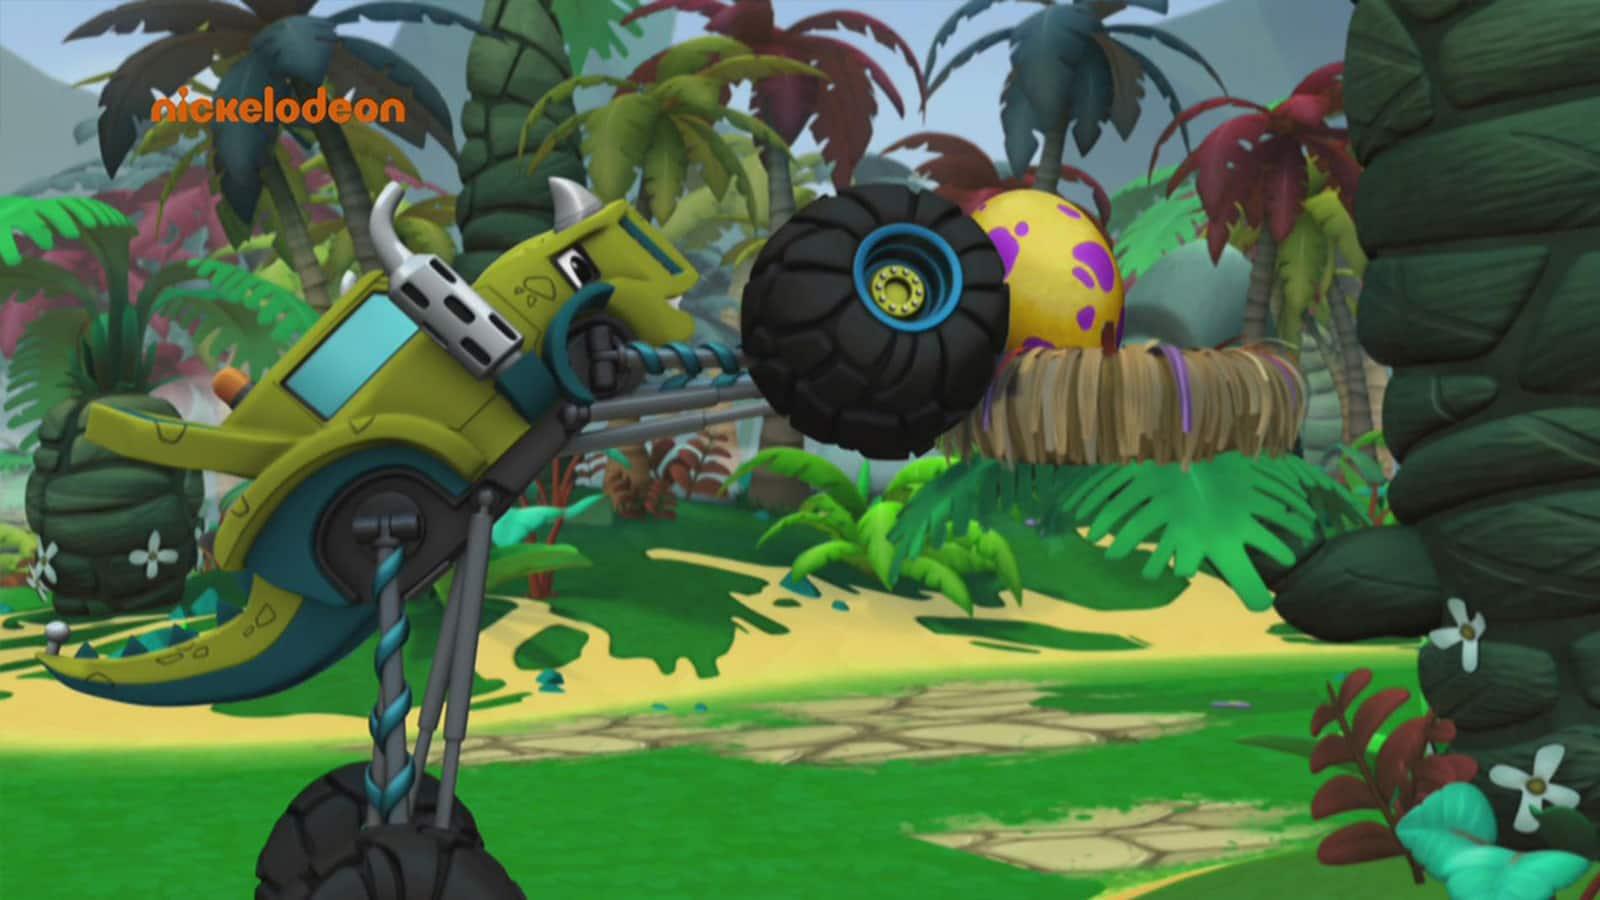 blaze-och-monstermaskinerna/sasong-1/avsnitt-13